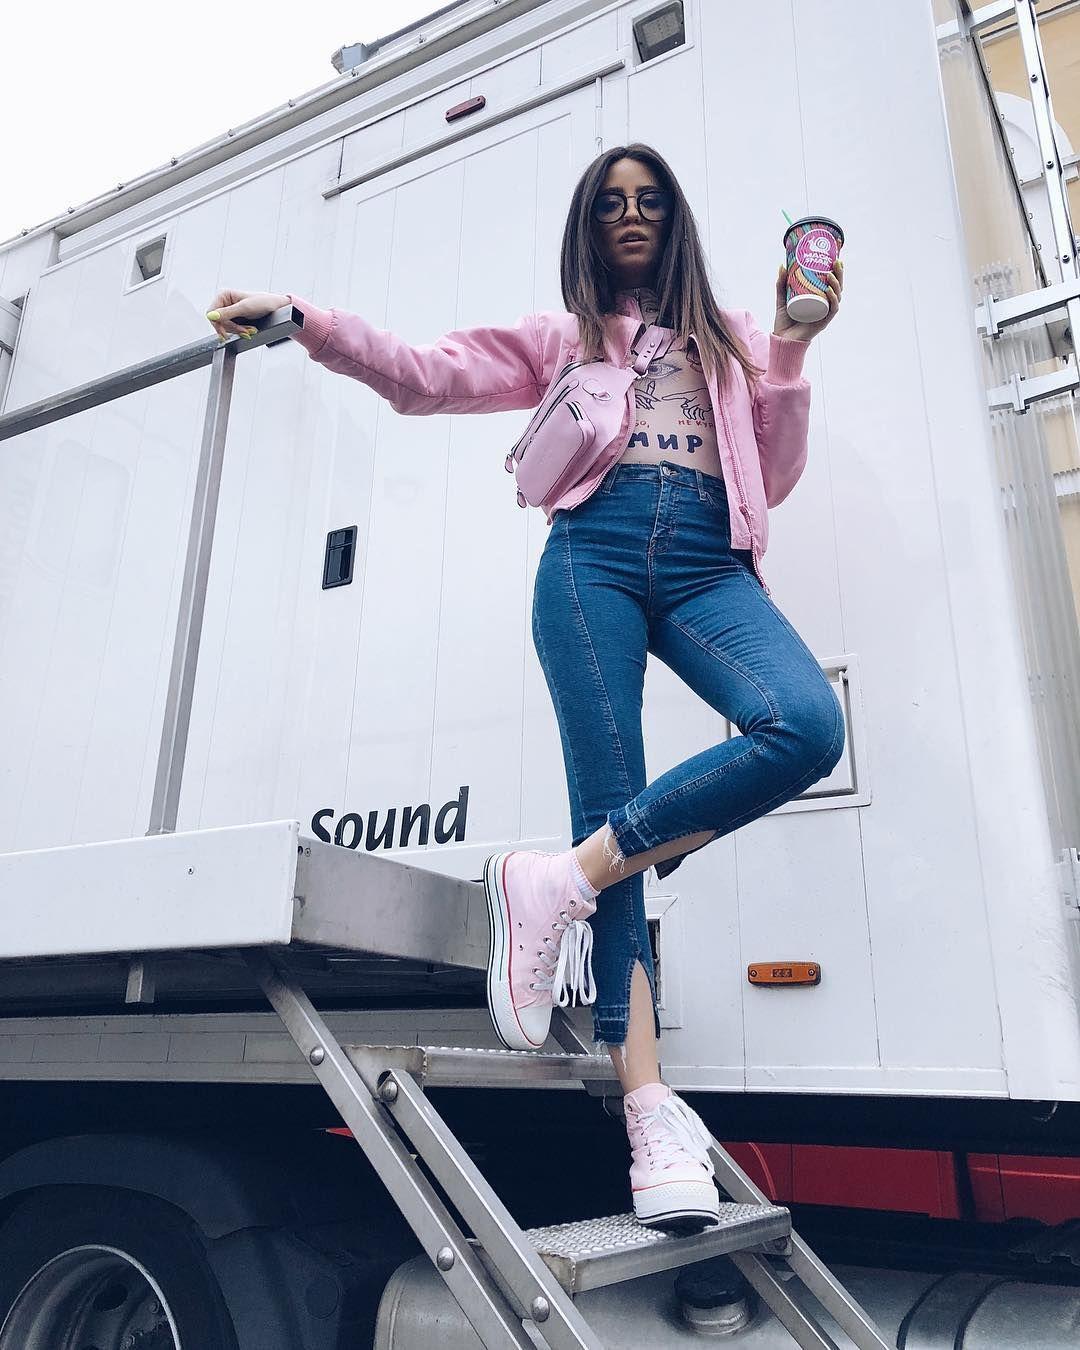 ... у 2019-ому не обійтись без мінімального декору. Обирайте моделі джинсів  зі швами 8551000309ae1